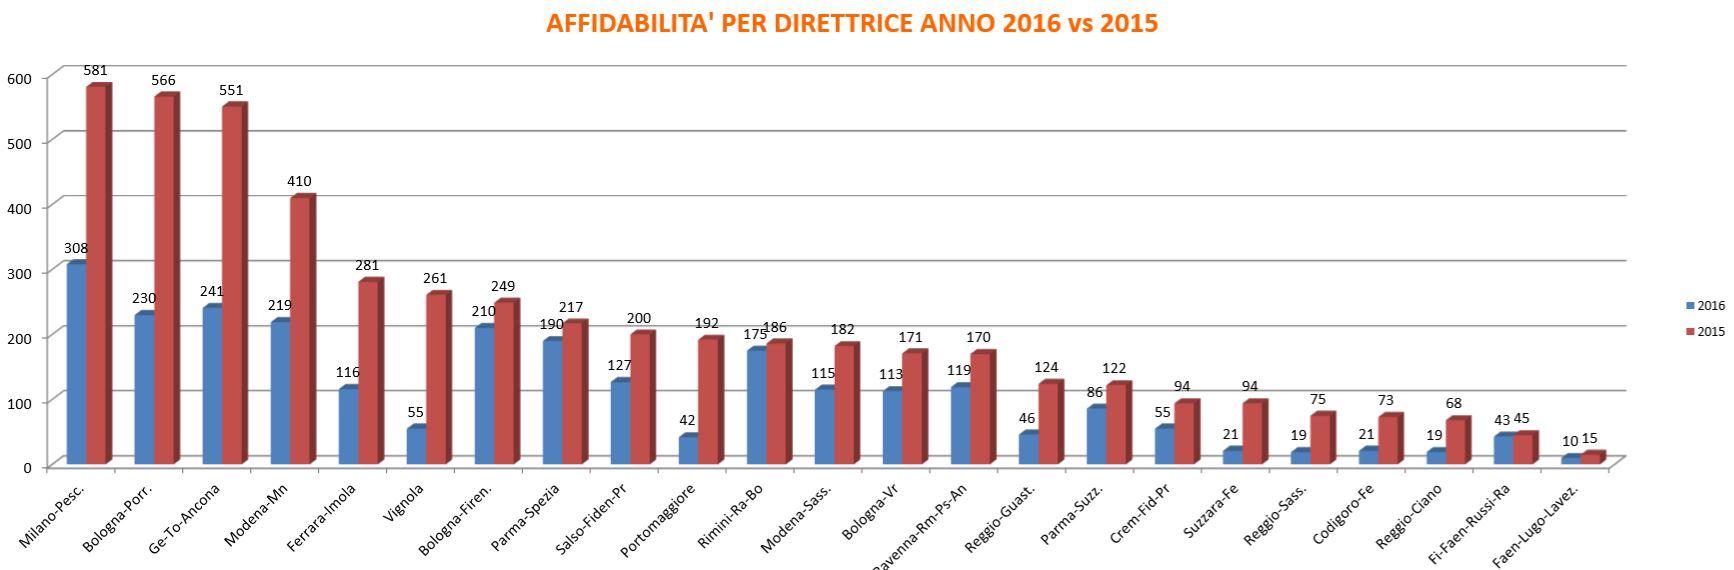 Affidabilità (numero di treni soppressi) per direttrice ferroviaria della Regione Emilia Romagna, confrontando i dati del 2015 contro i dati del 2016 raccolti fino a Settembre.